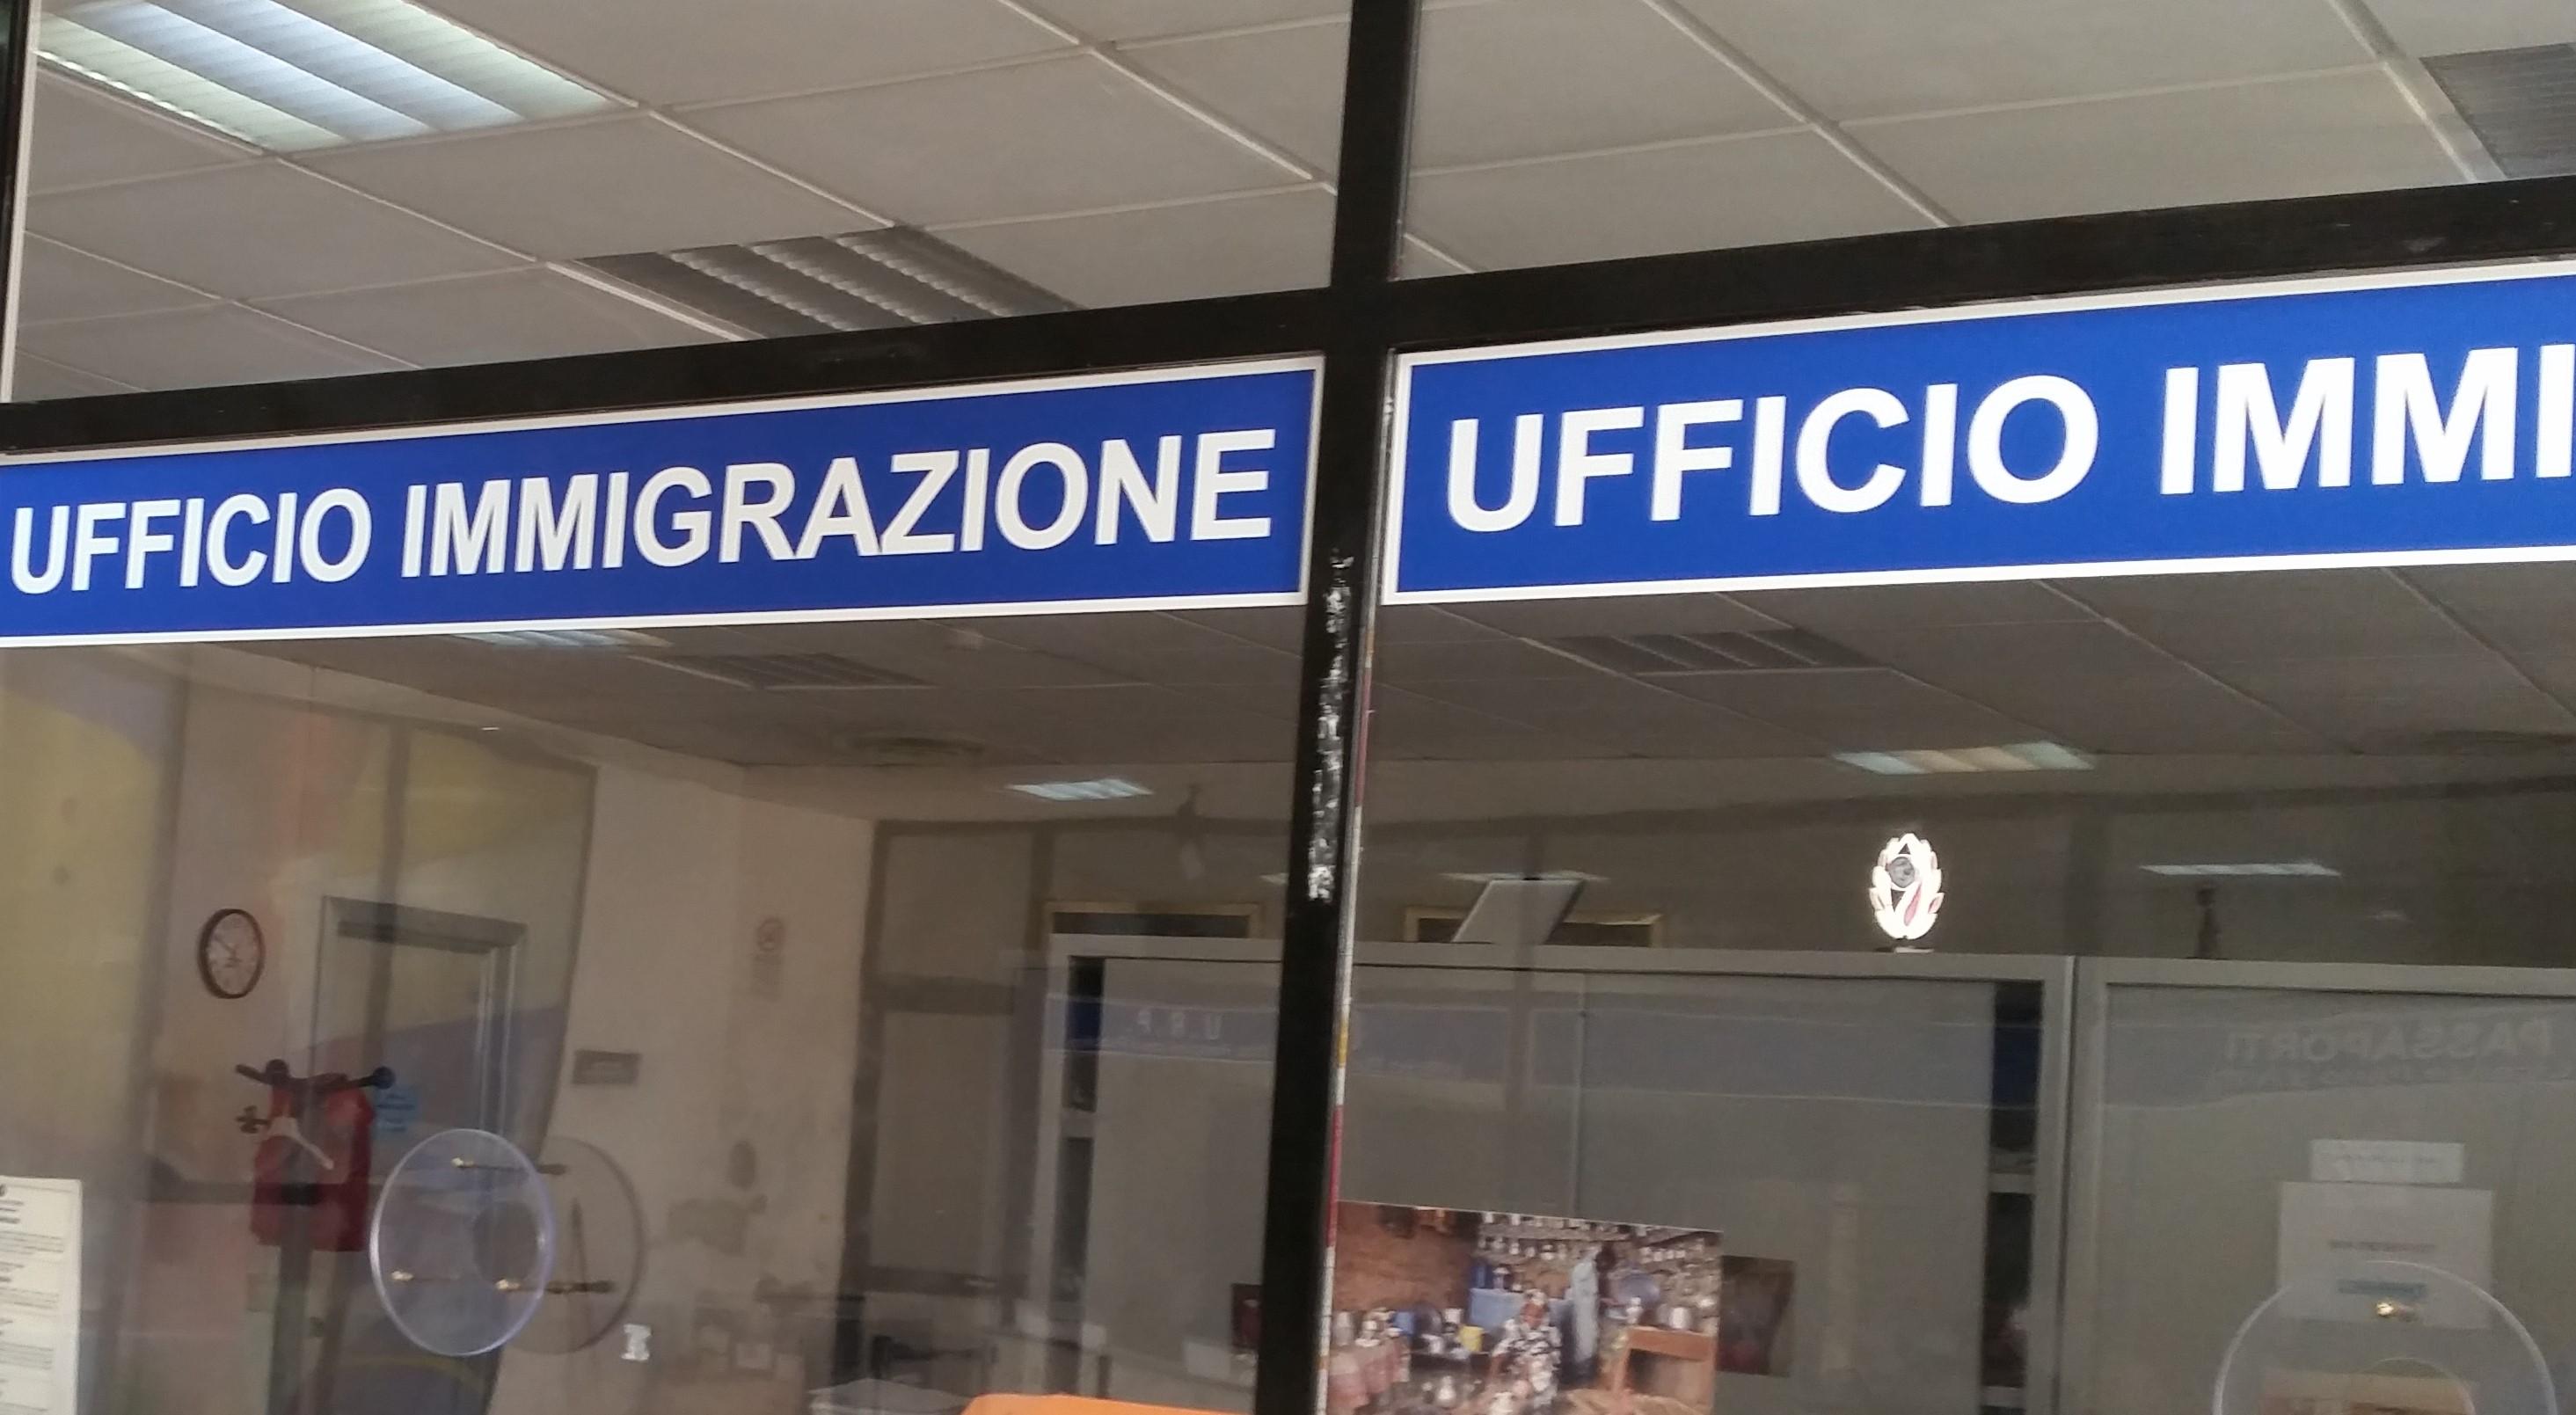 Tre stranieri pluripregiudicati espulsi e rimpatriati dalla ...